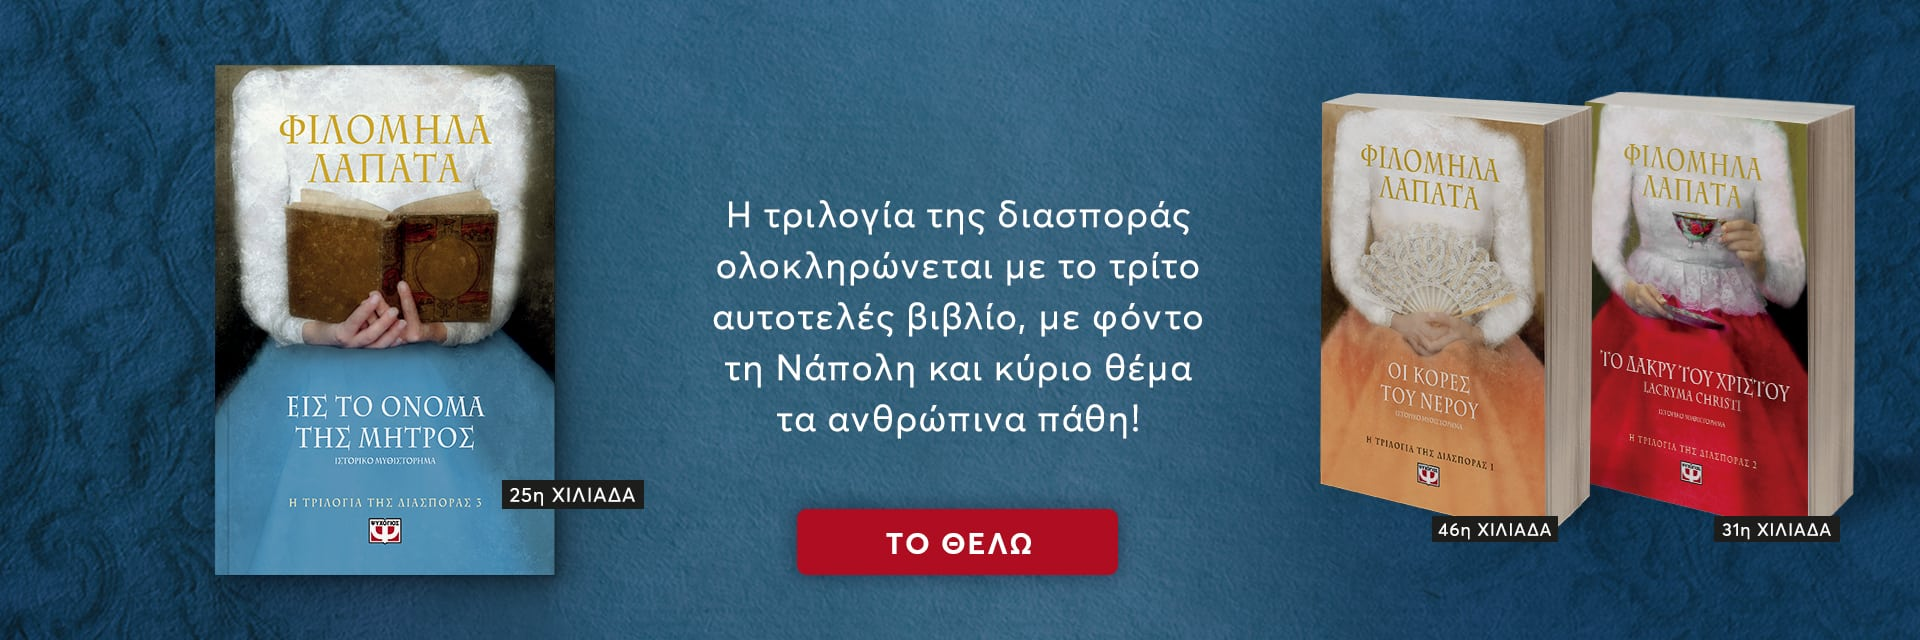 Η ΤΡΙΛΟΓΙΑ ΤΗΣ ΔΙΑΣΠΟΡΑΣ 3 - ΕΙΣ ΤΟ ΟΝΟΜΑ ΤΗΣ ΜΗΤΡΟΣ